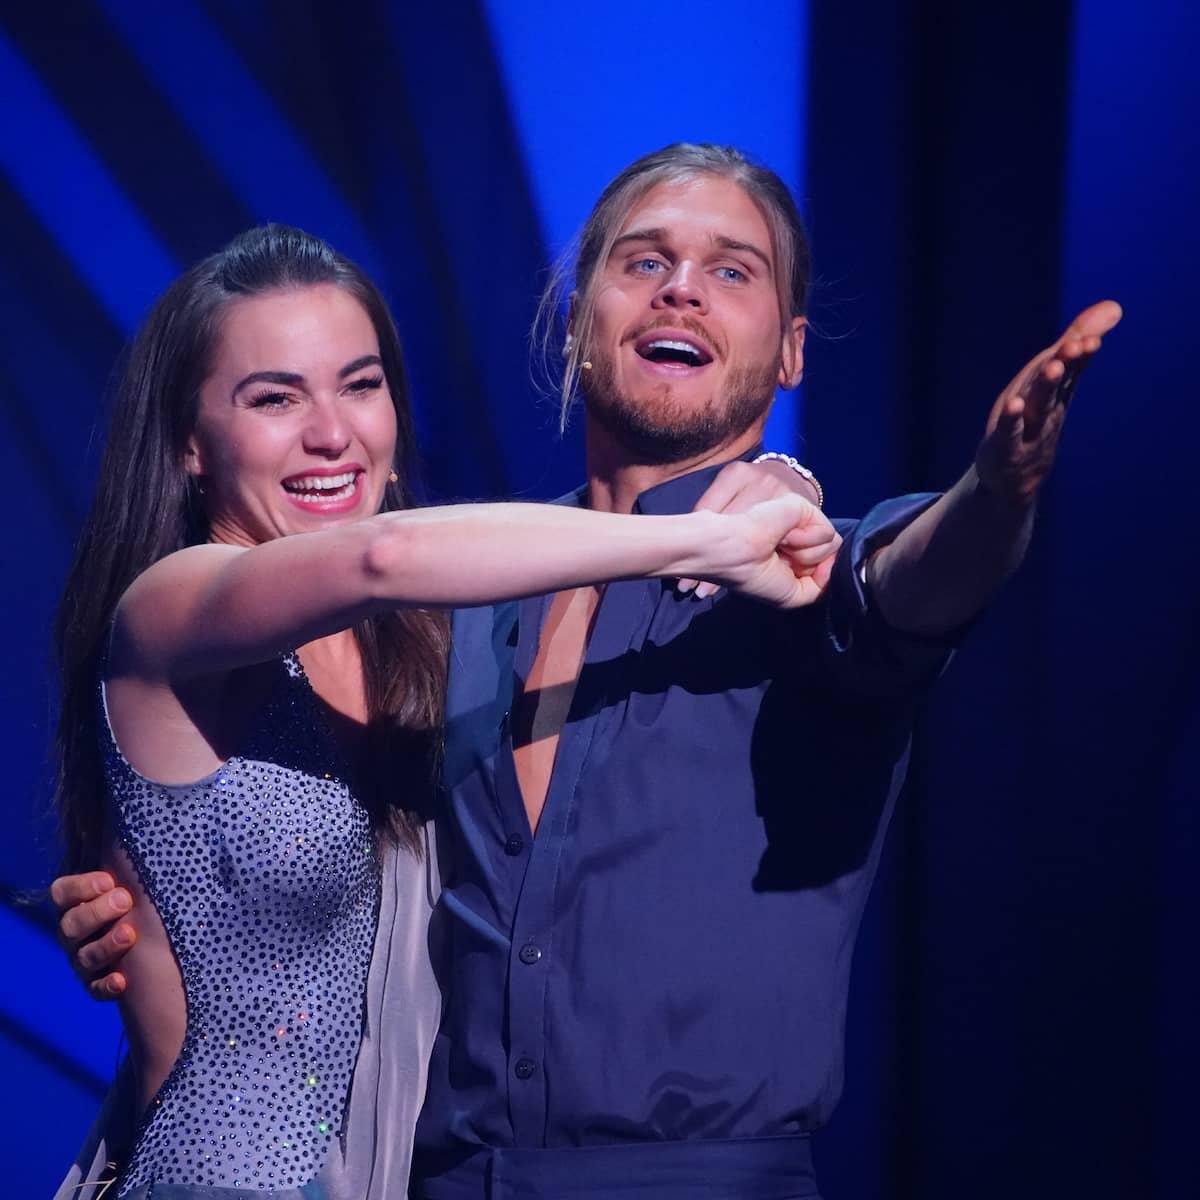 Renata Lusin und Rurik Gislason freuen sich über ihren Einzug ins Finale bei Let's dance am 21.5.2021